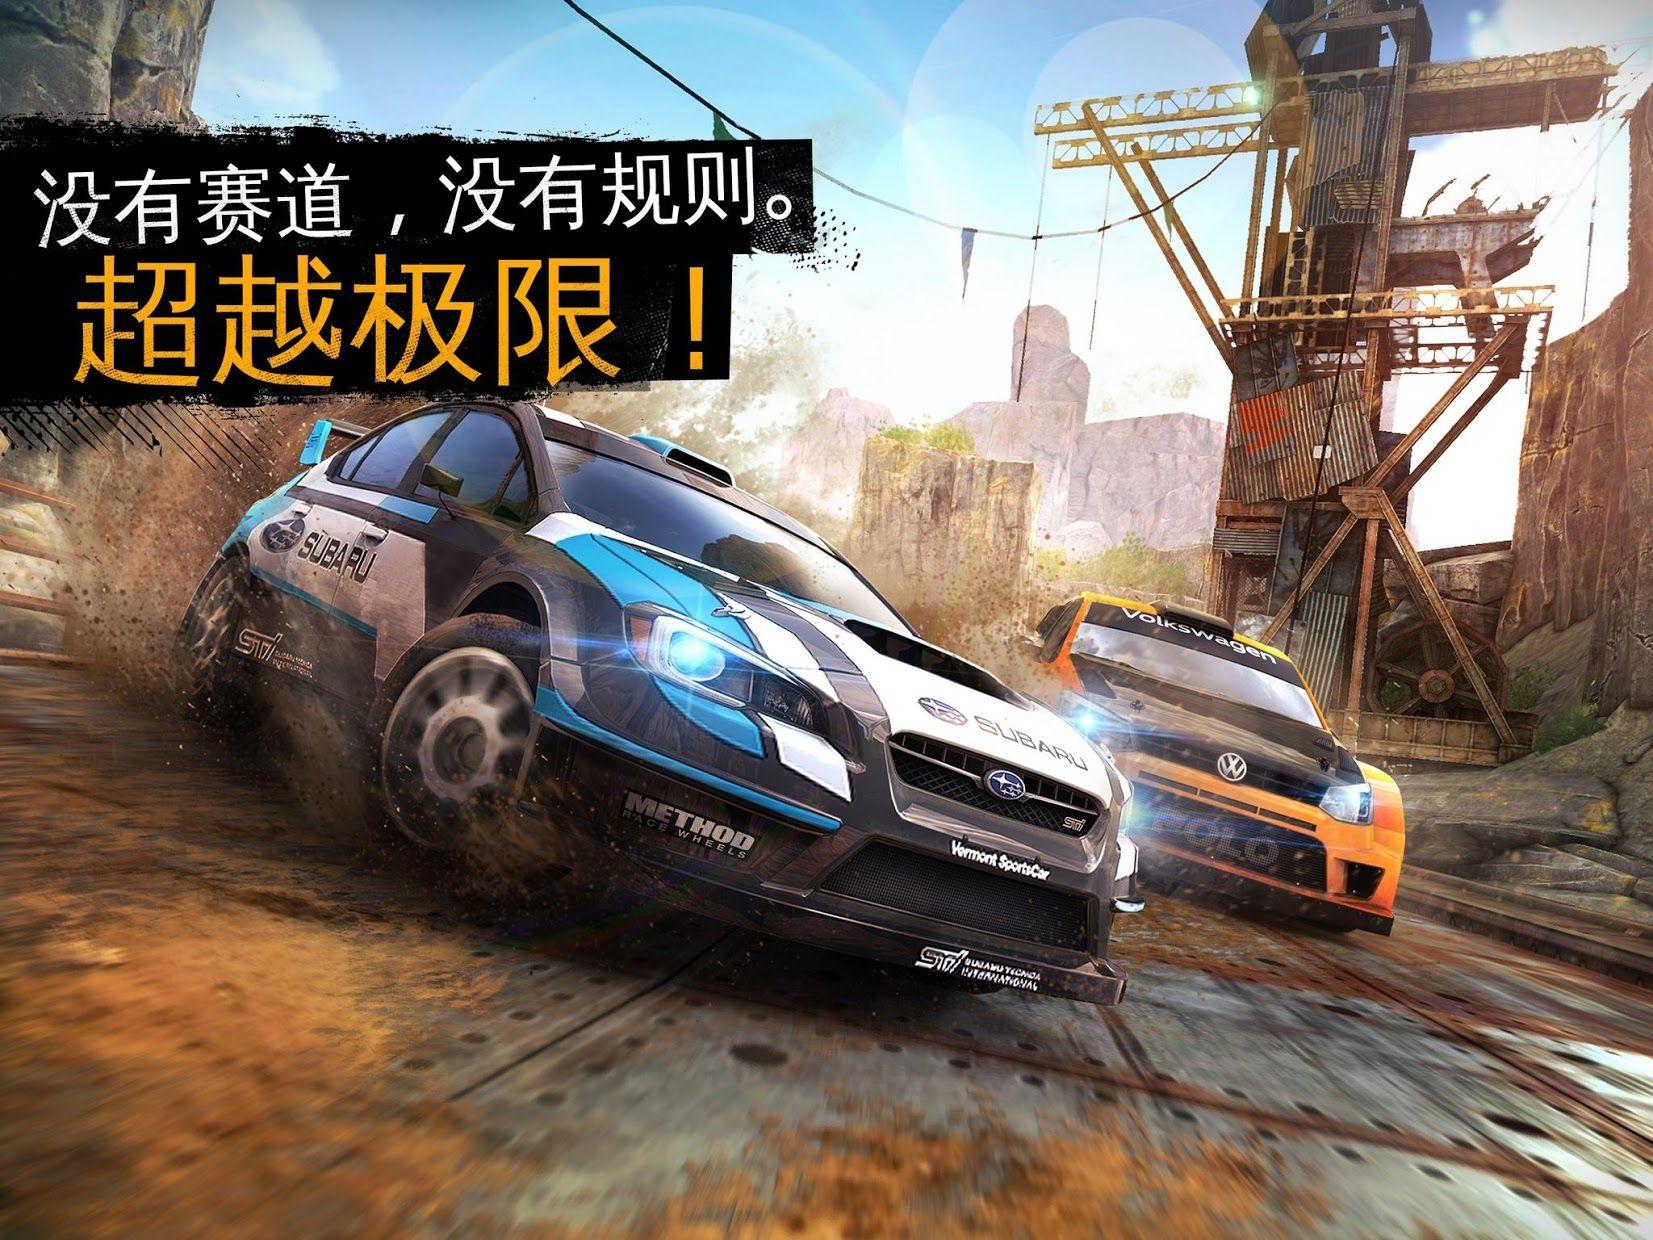 狂野飙车:极限越野 游戏截图1